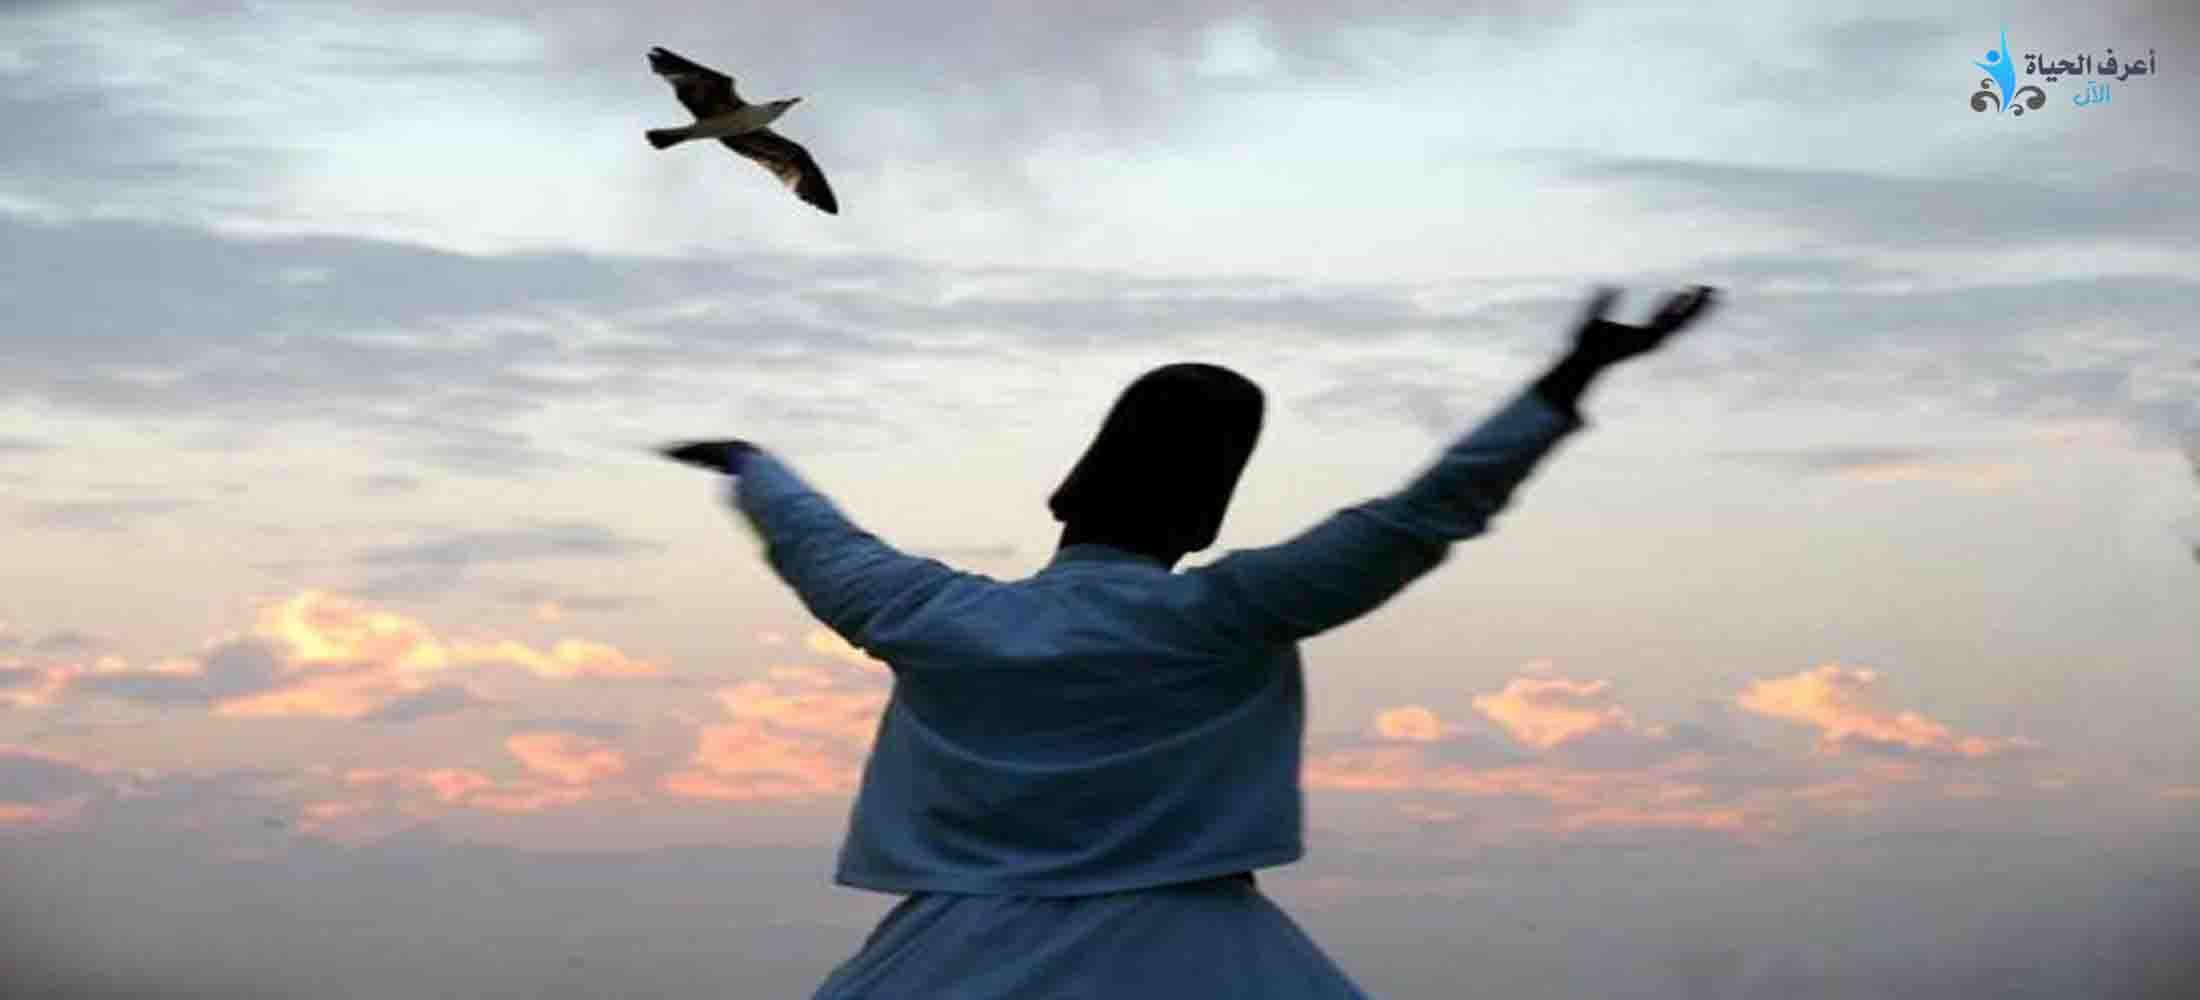 بالصور تواشيح دينية , اروع التواشيح الدينية 3463 1